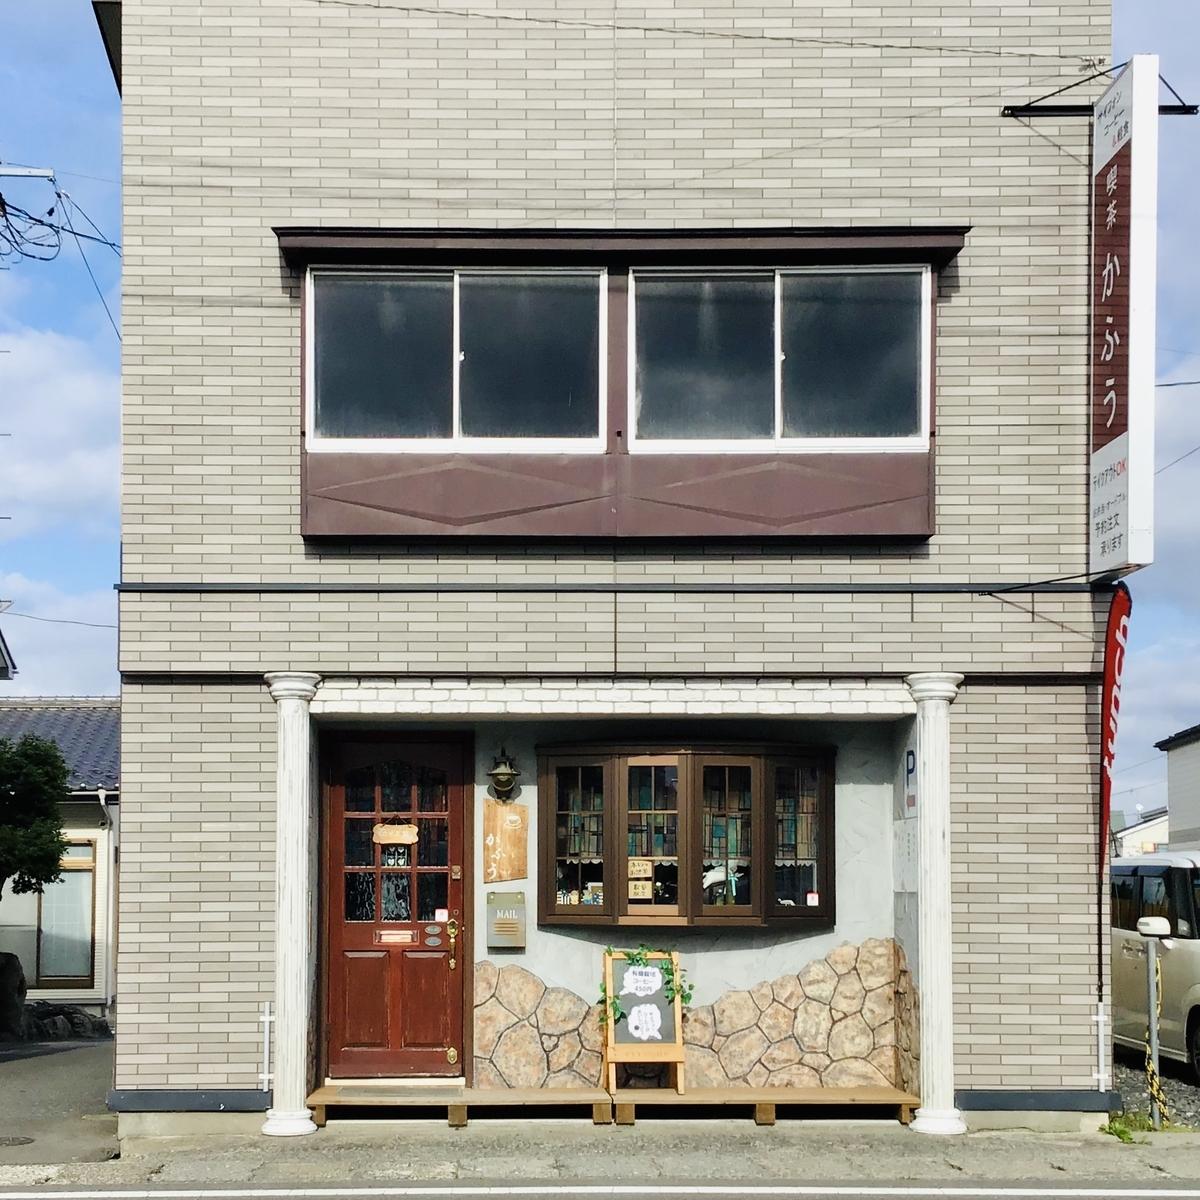 f:id:yumeusagiyukiusagi:20200927003454j:plain